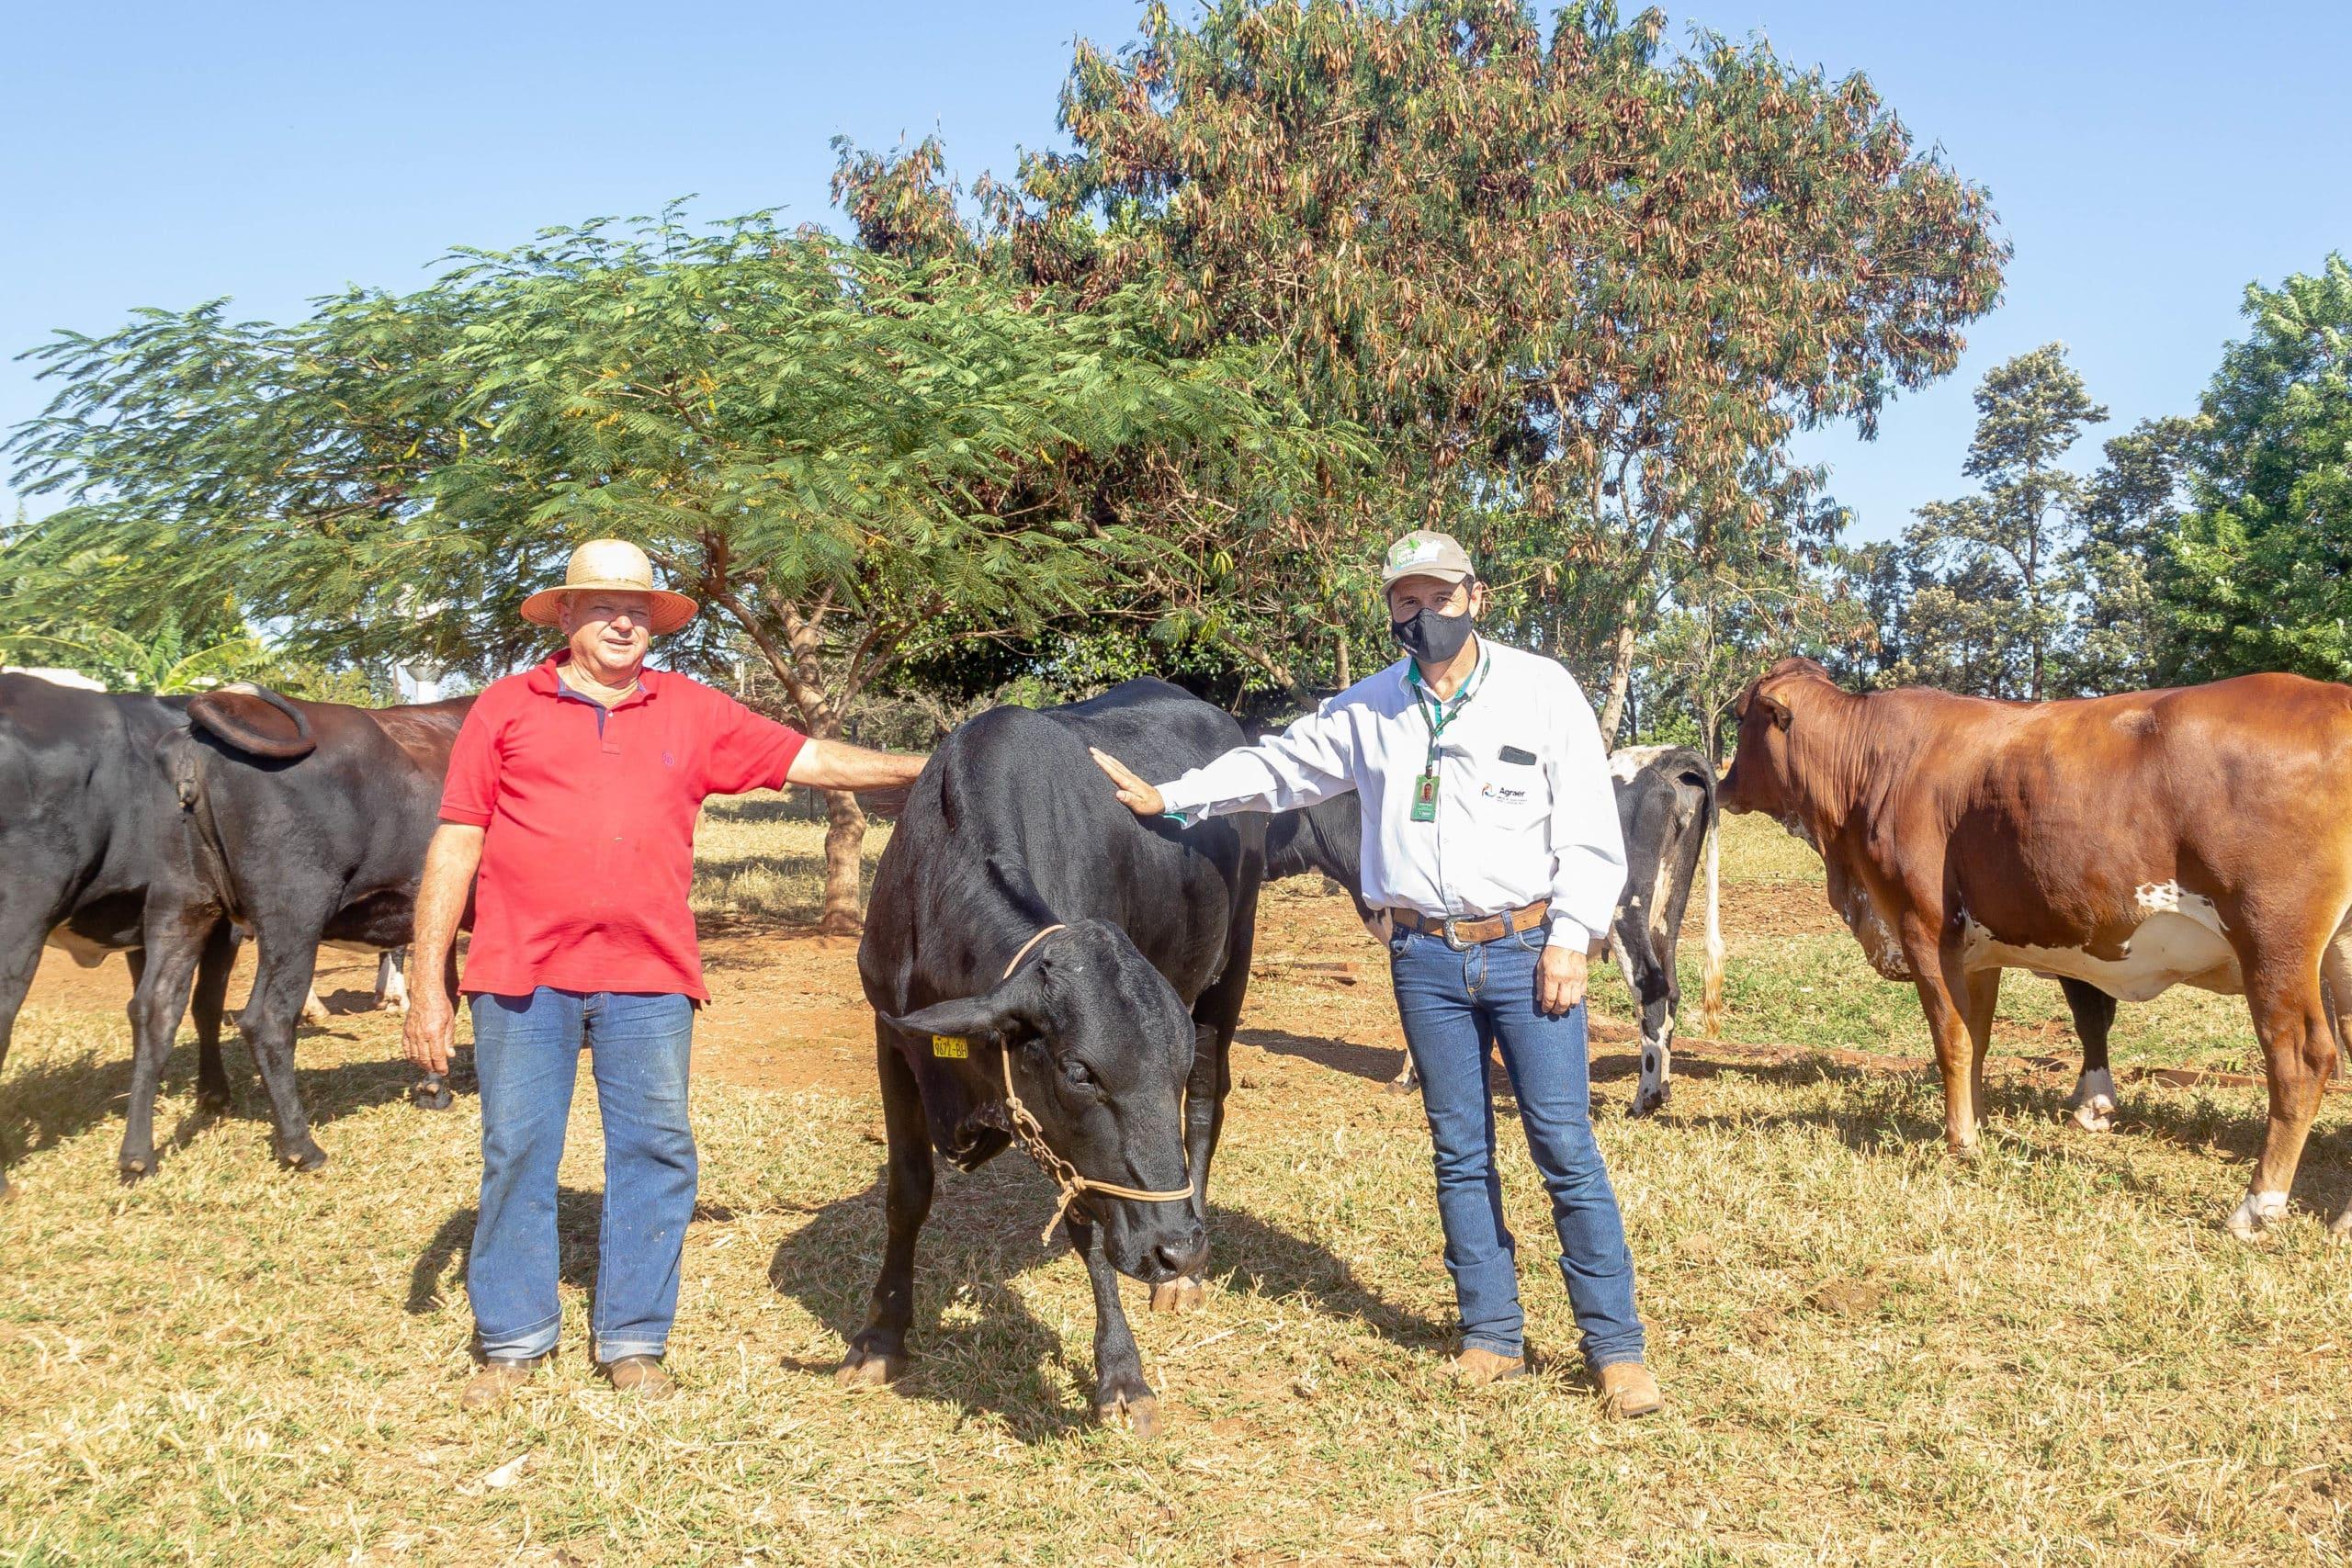 Cristian Felippi, da Agraer e Francisco Rigatto com os animais vindos de Minas Gerais. Foto: Rafael Henrique/Gazeta do Dia